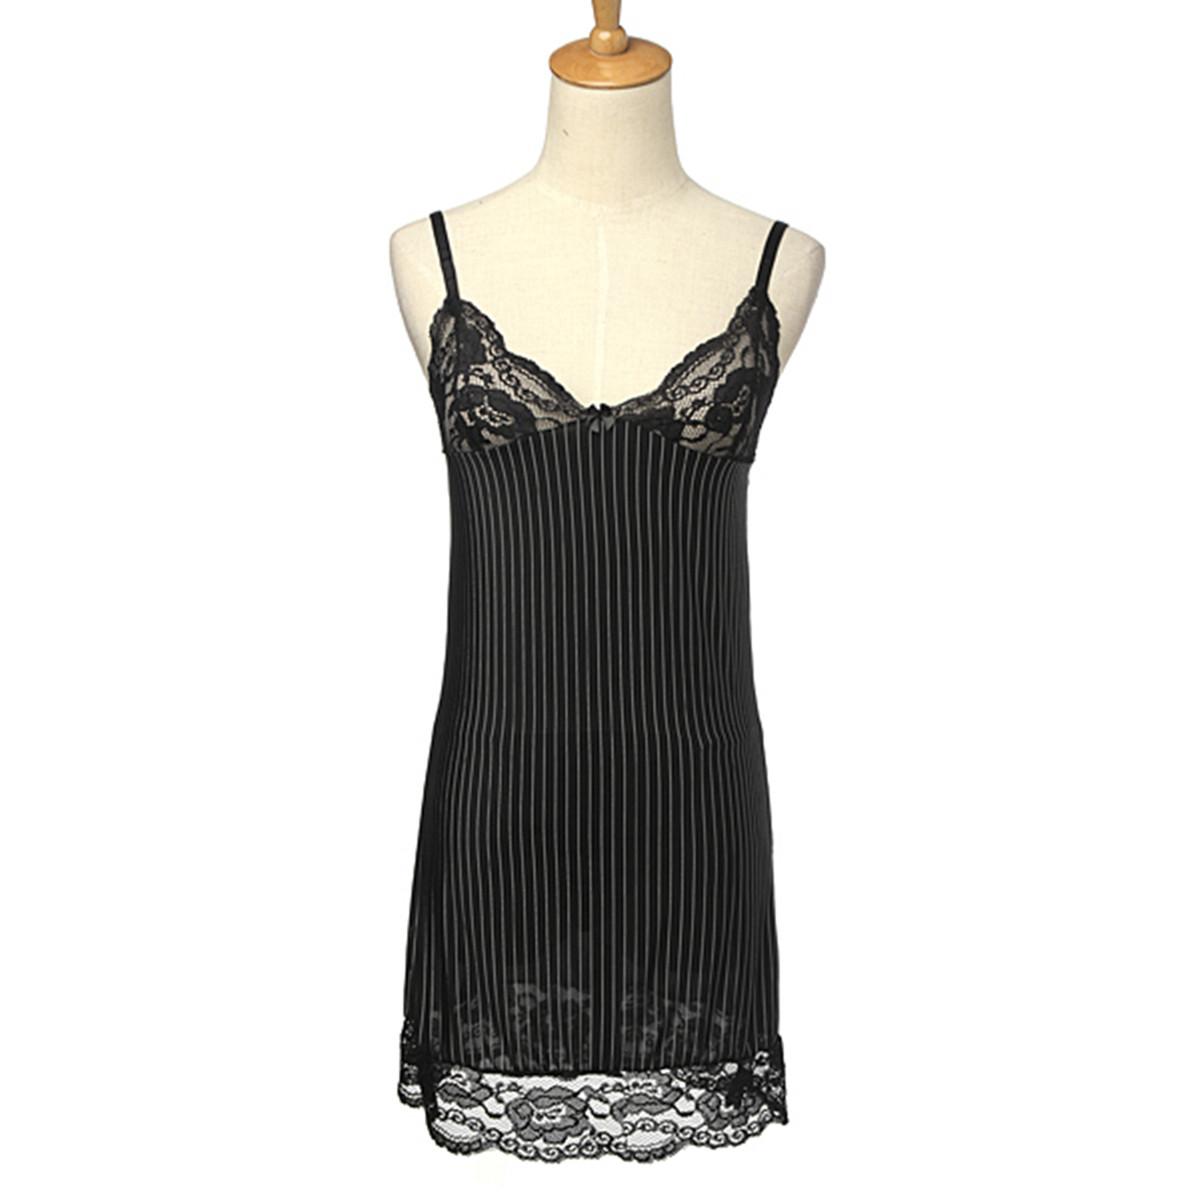 lace lingerie dress - photo #13